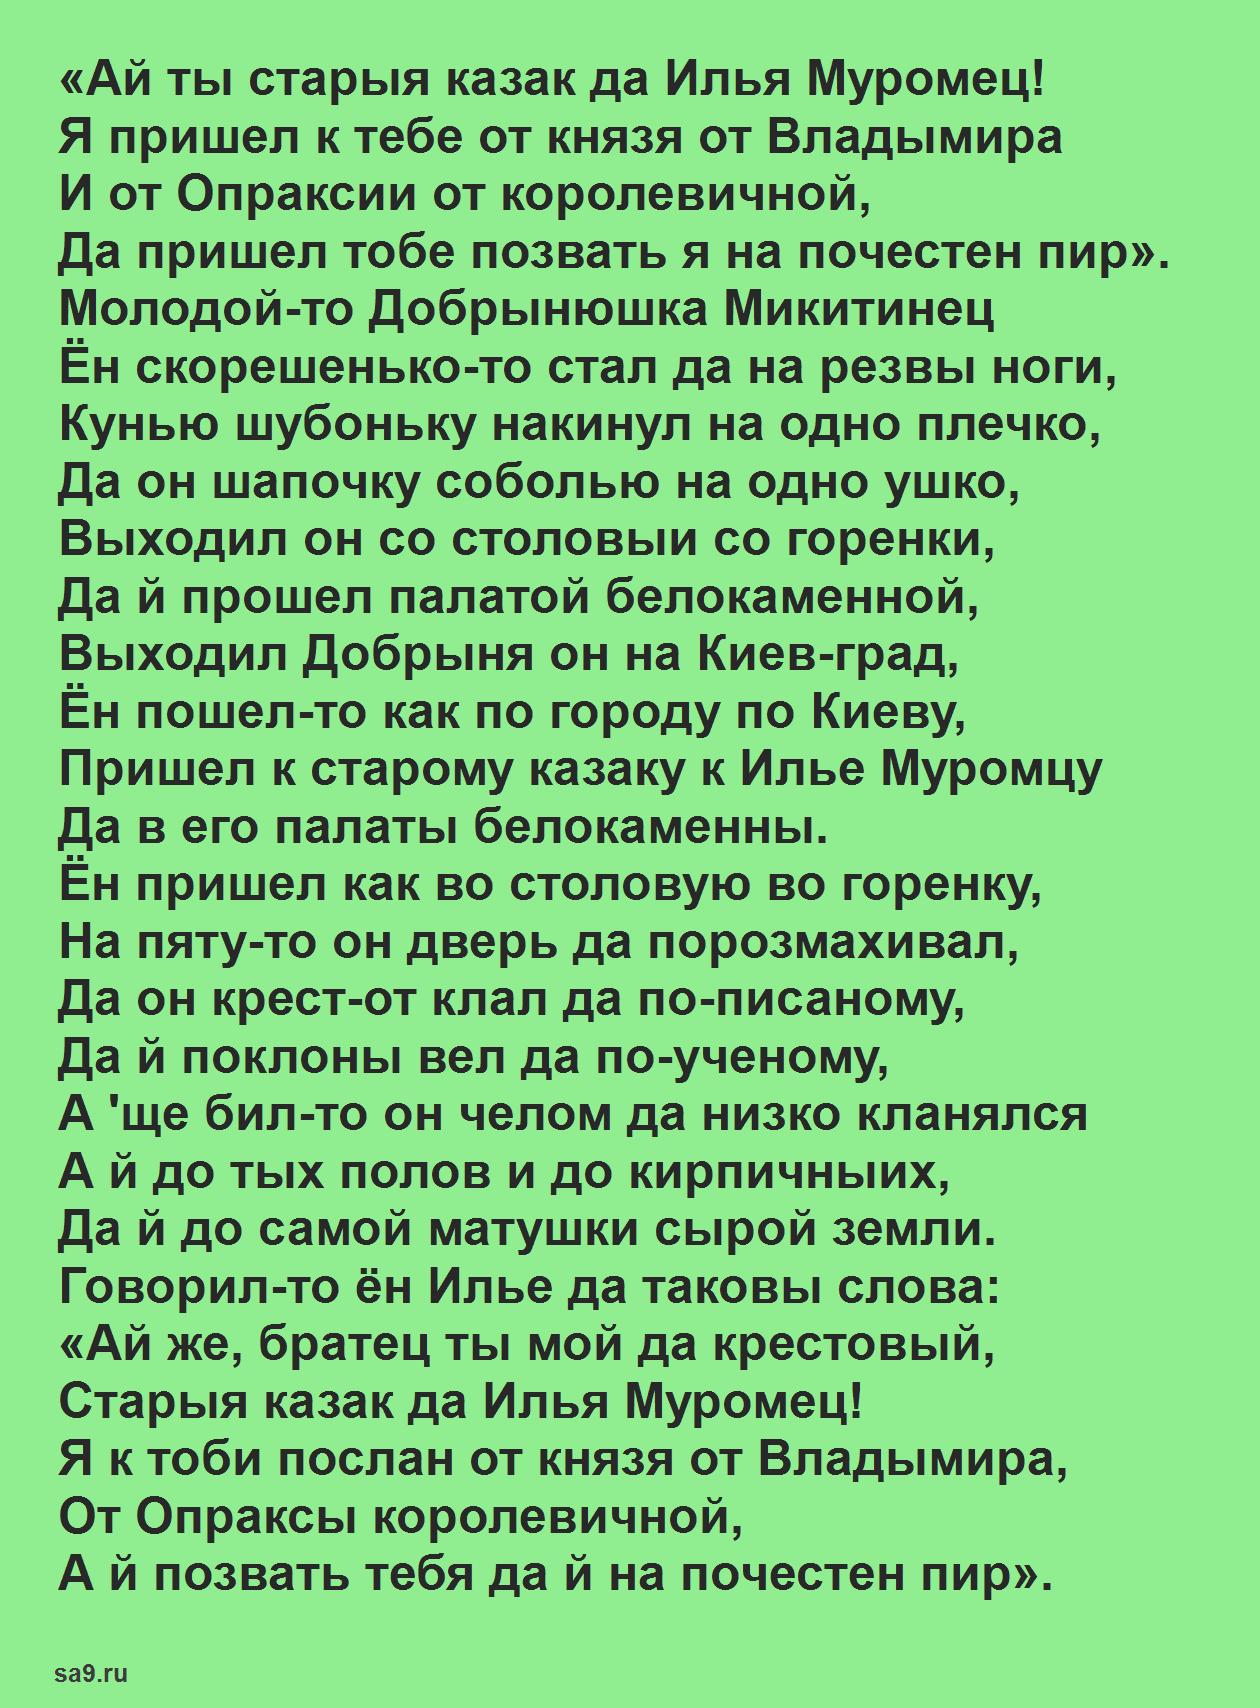 Читать русскую народную былину - Илья Муромец и голи кабацкие